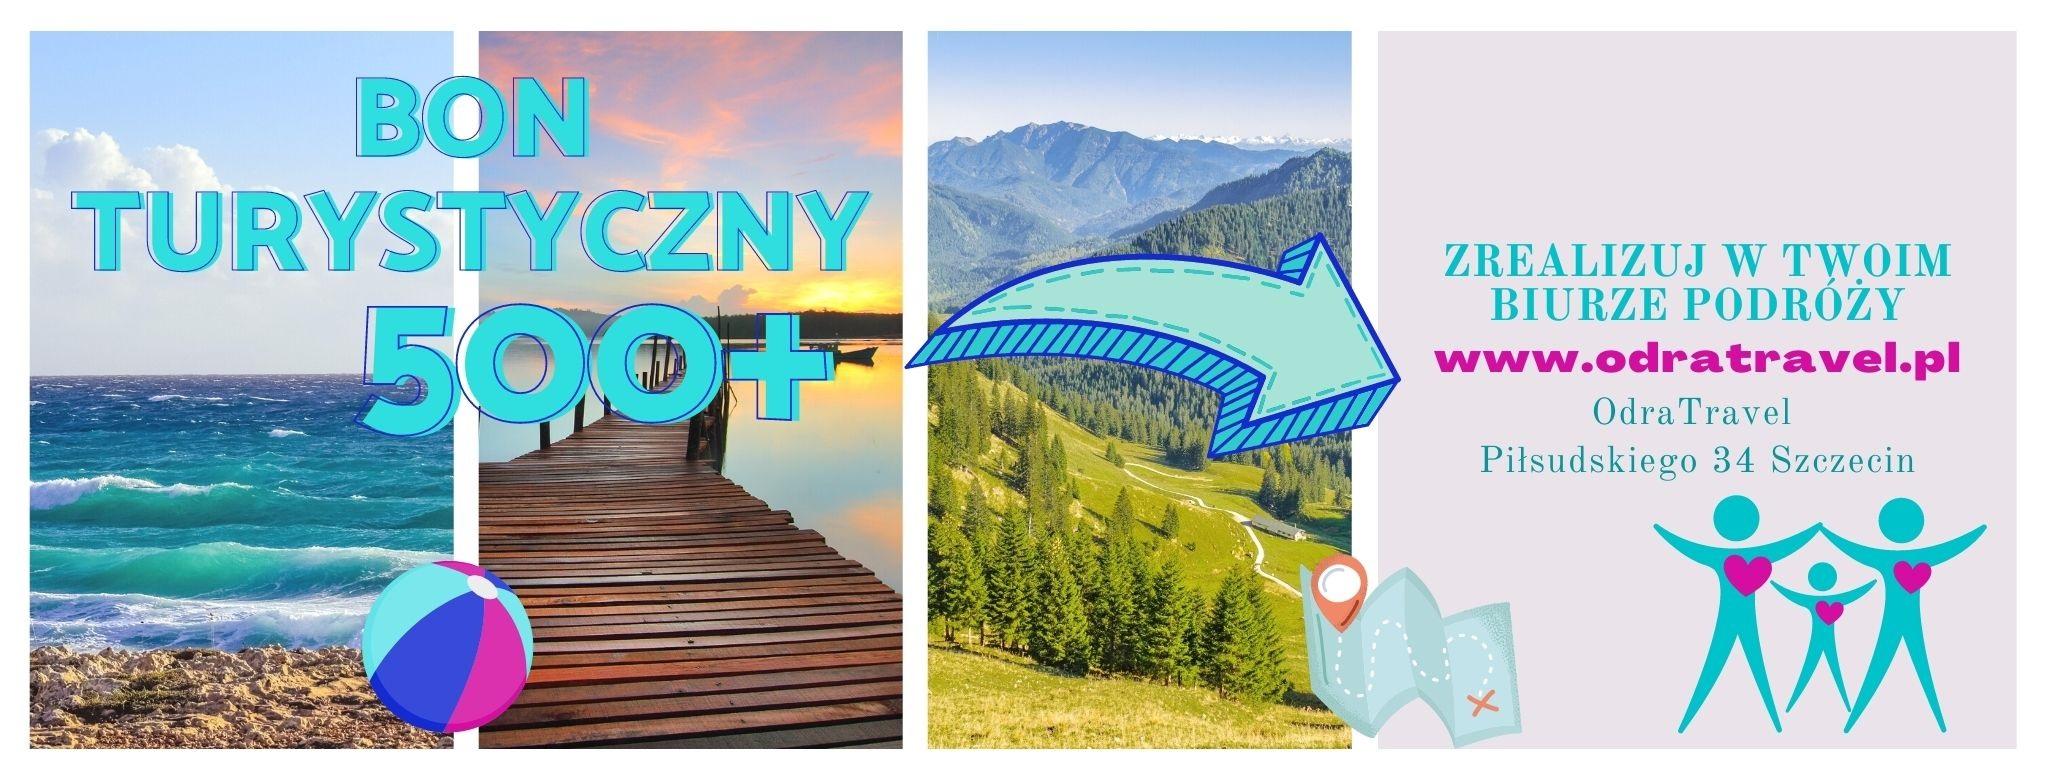 polski bon turystyczny - zrealizuj go w naszym biurze podróży w Szczecinie, dowiedz się jak się ubiegać o bon - instrukcja KROK PO KROKU, baza ofert